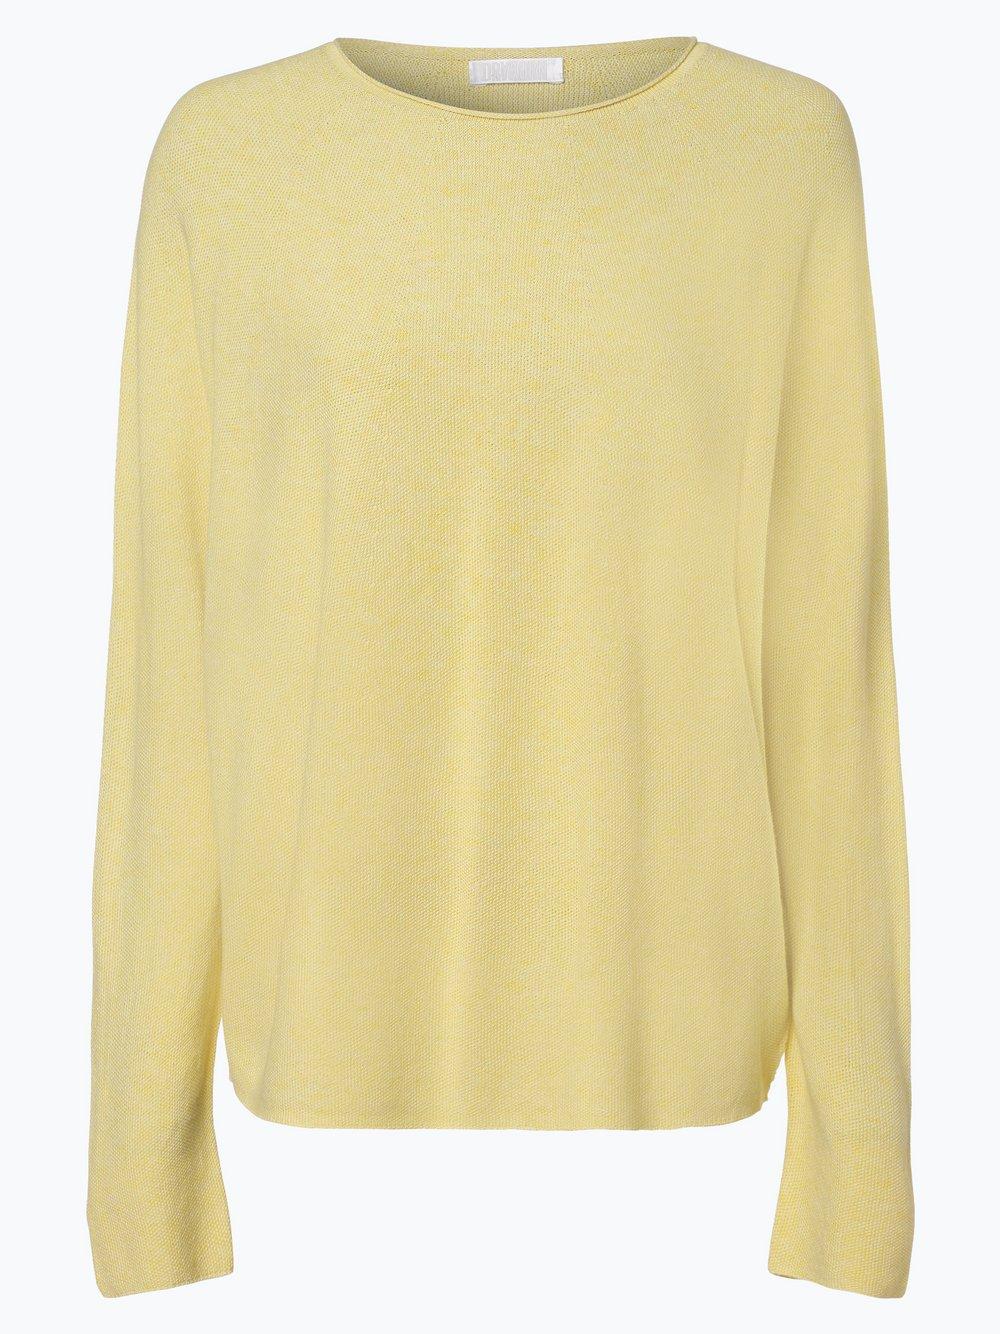 Drykorn - Sweter damski – Maila, żółty